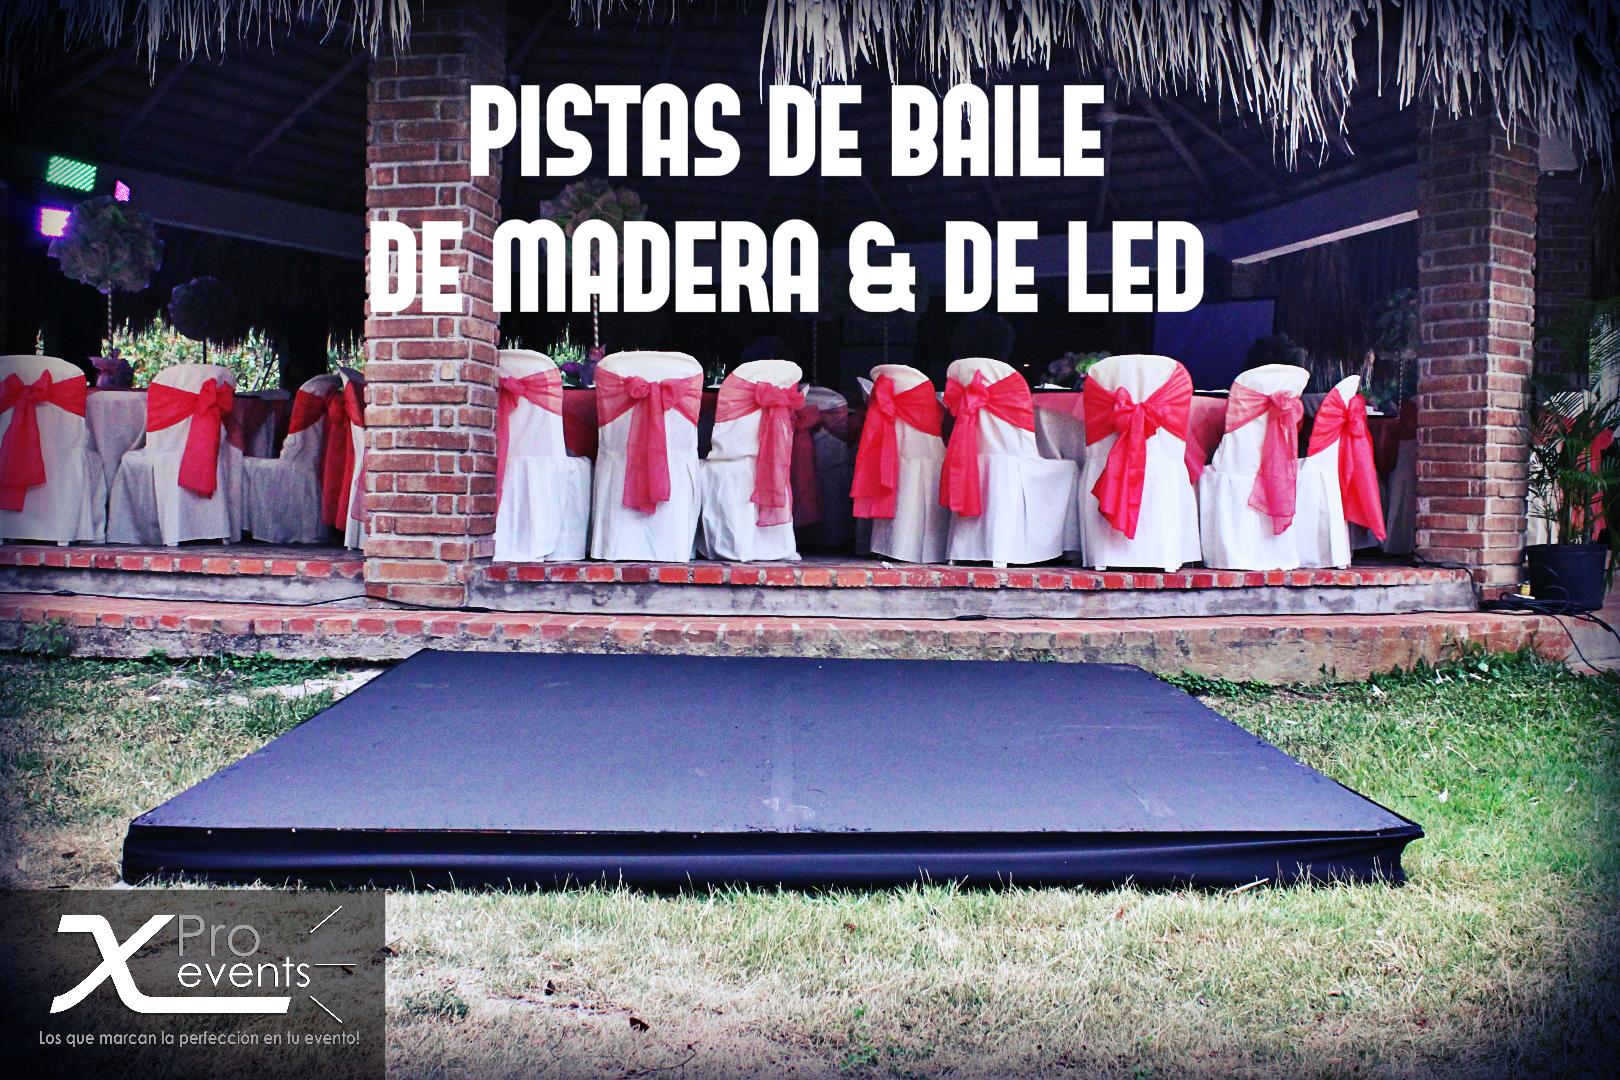 www.Xproevents.com - Pistas de baile de madera y de led.JPG